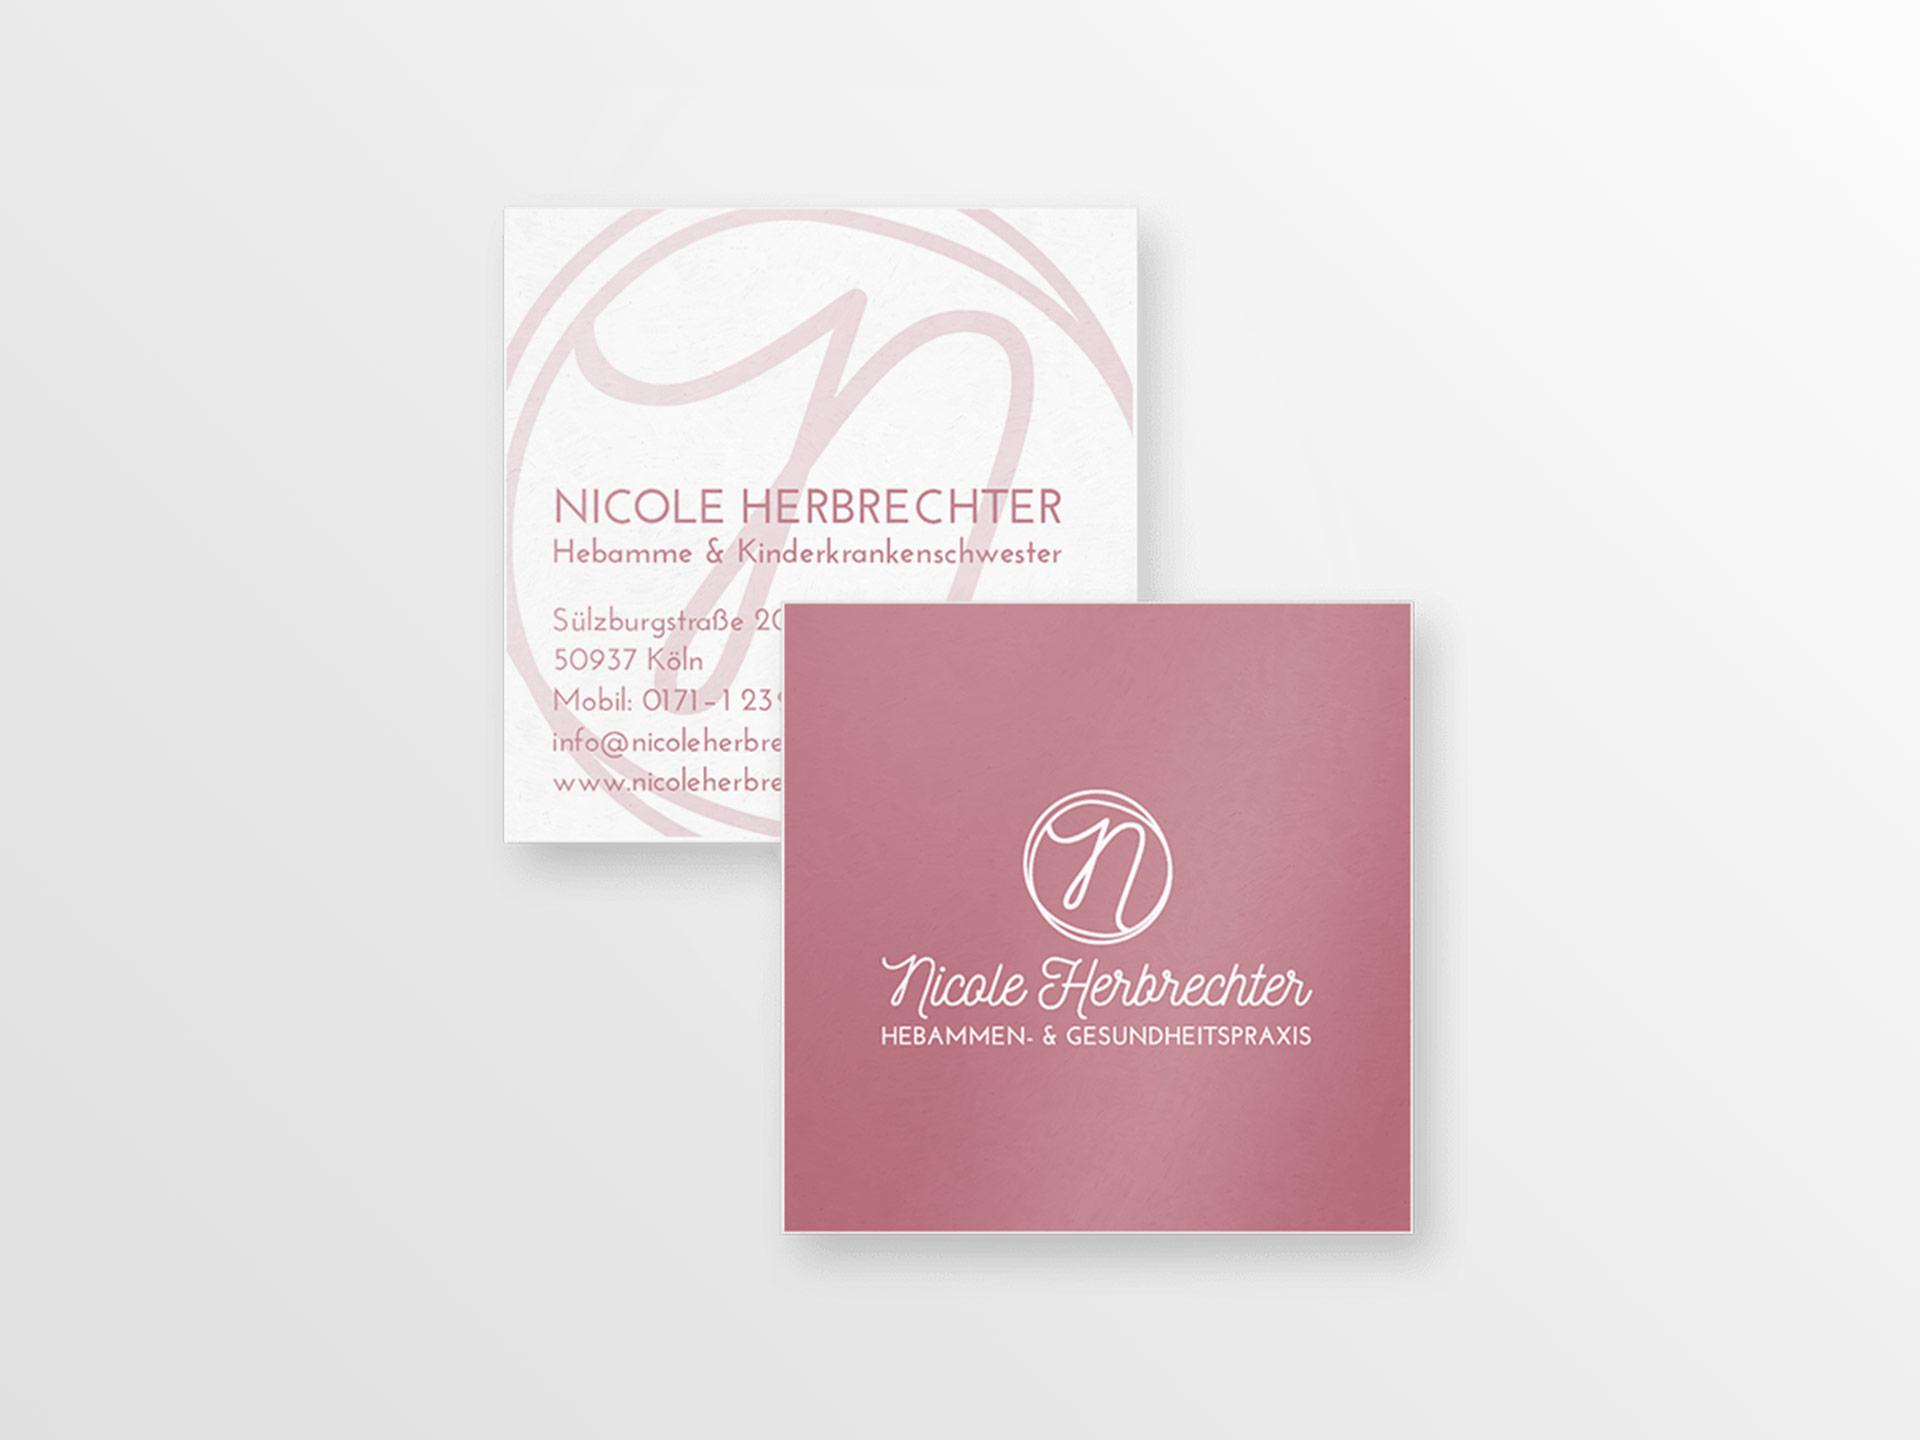 Nicole_Herbrechter_Visitenkarten.jpg